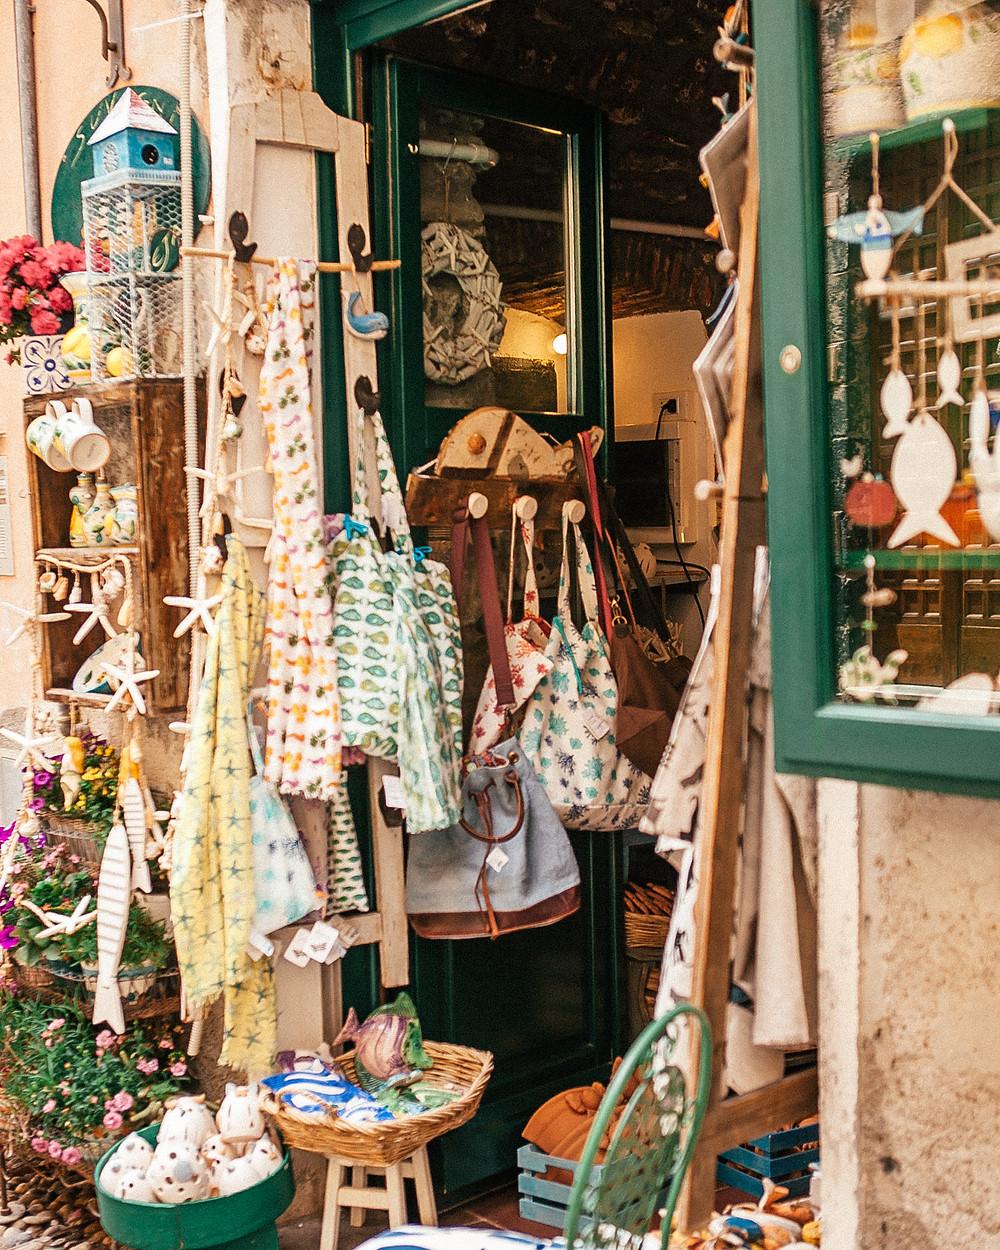 Monterosso Shops, Cinque Terre, Italy